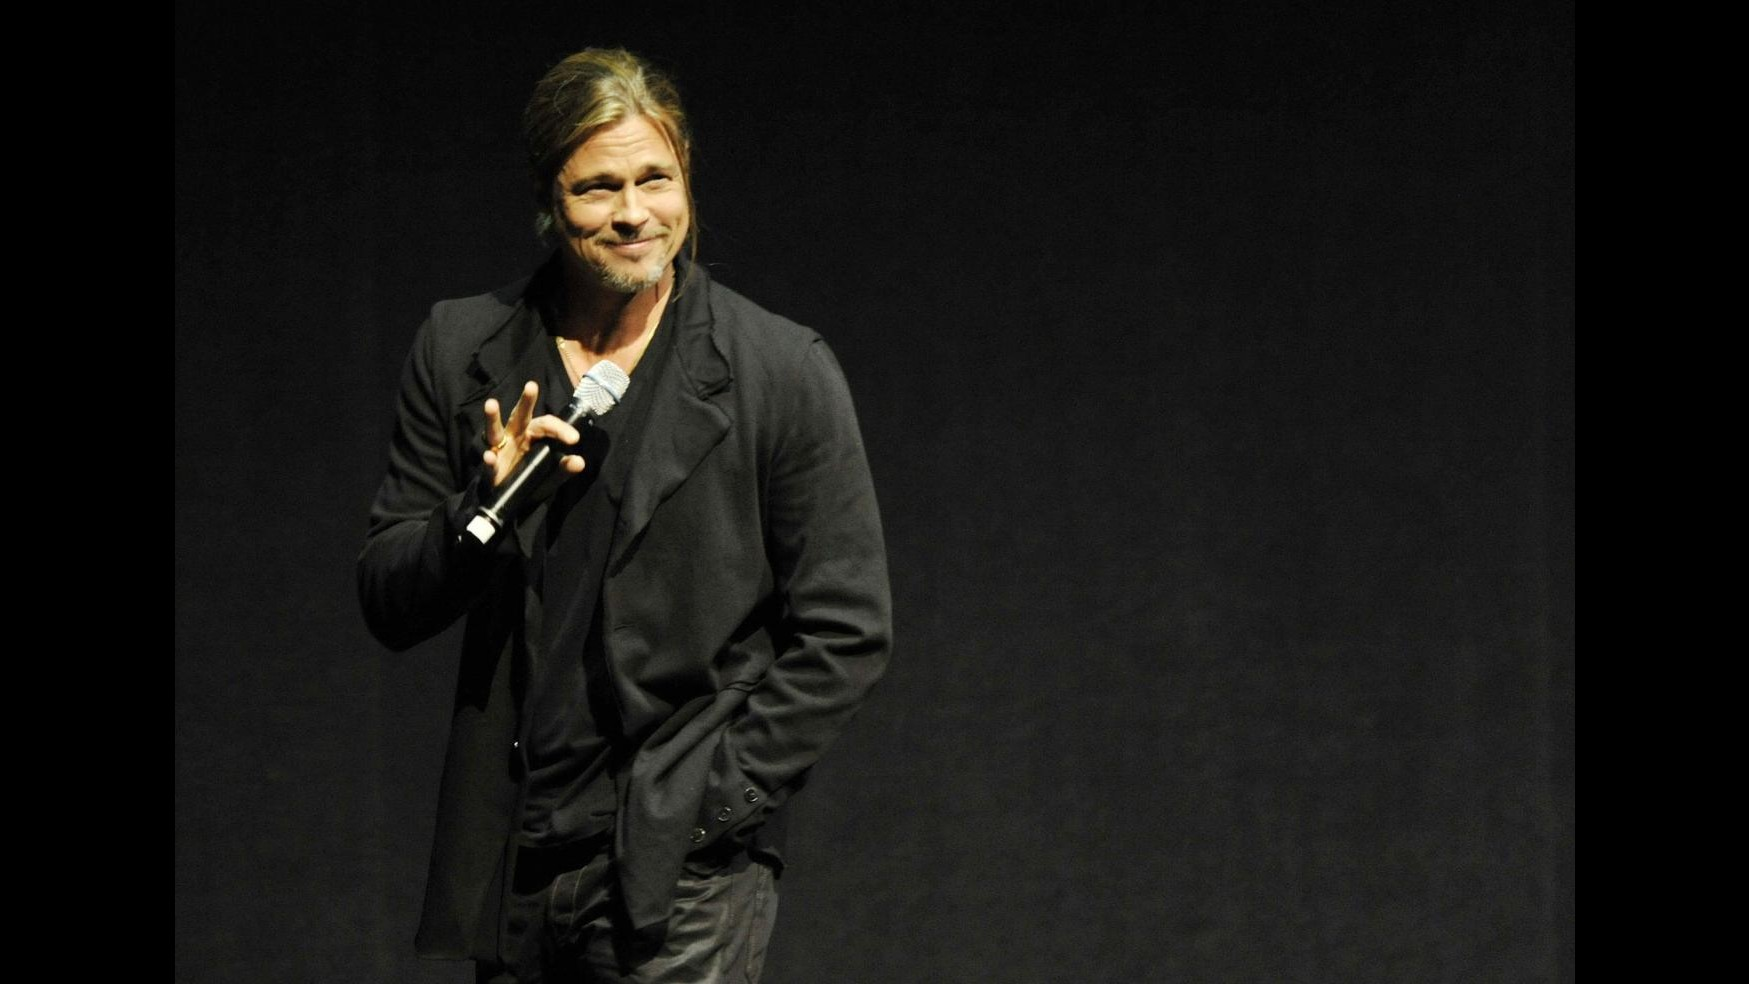 Brad Pitt arriva a sorpresa al CinemaCon per parlare di 'World war Z'